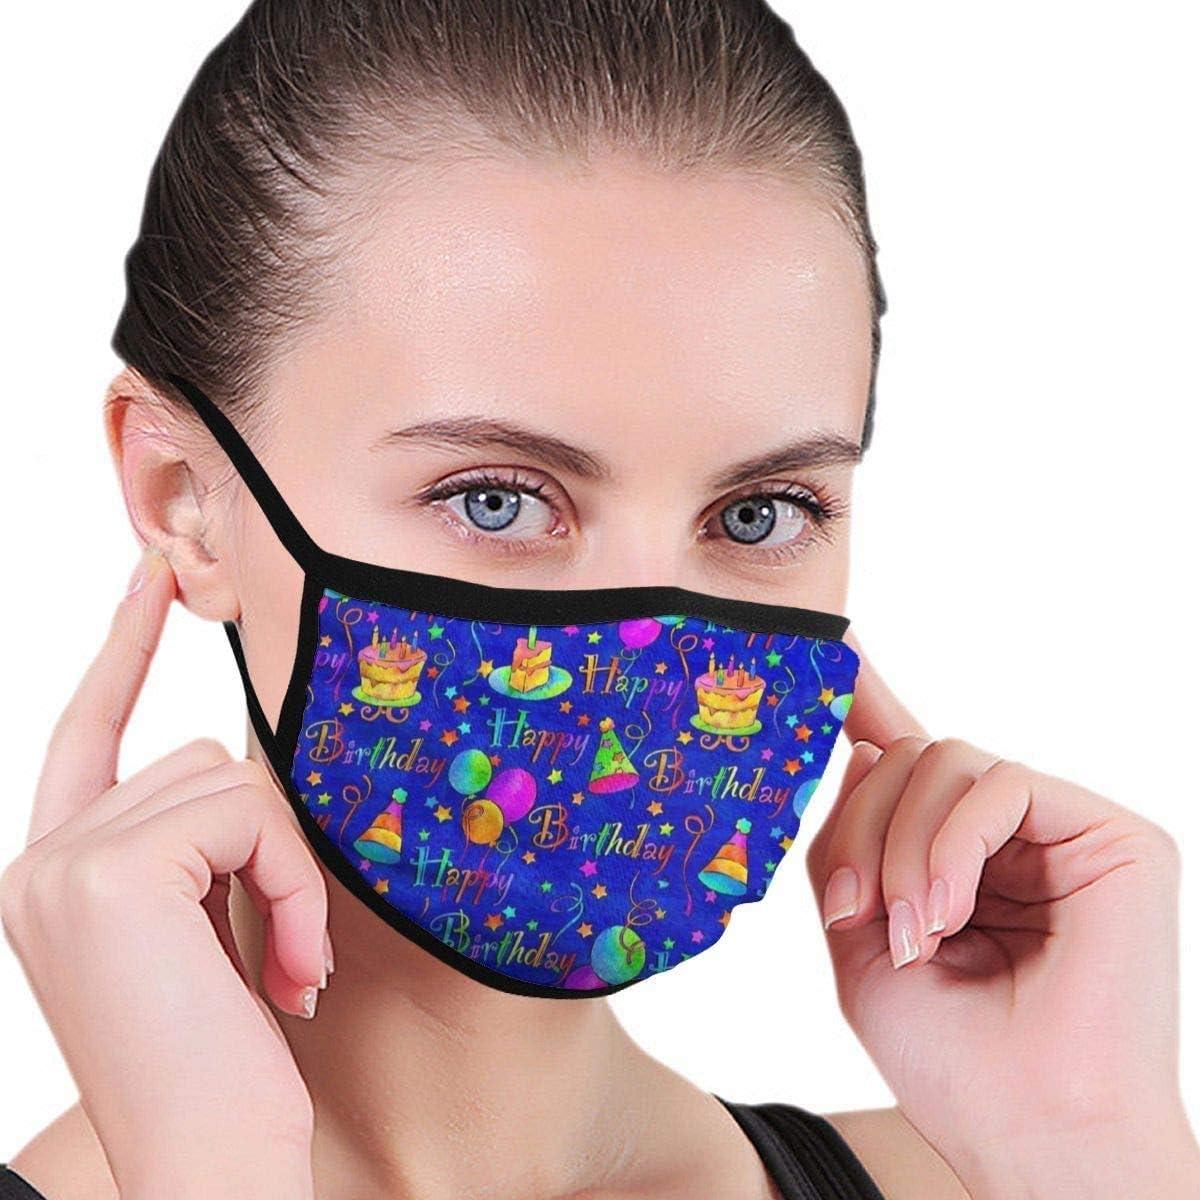 Elastische Ohrmuschel-Gesichtsmaske f/ür das Skifahren im Freien Unisex atmungsaktive Mundmasken Anti-Staub-Schutzh/ülle f/ür das halbe Gesicht Handzeichnungschemie